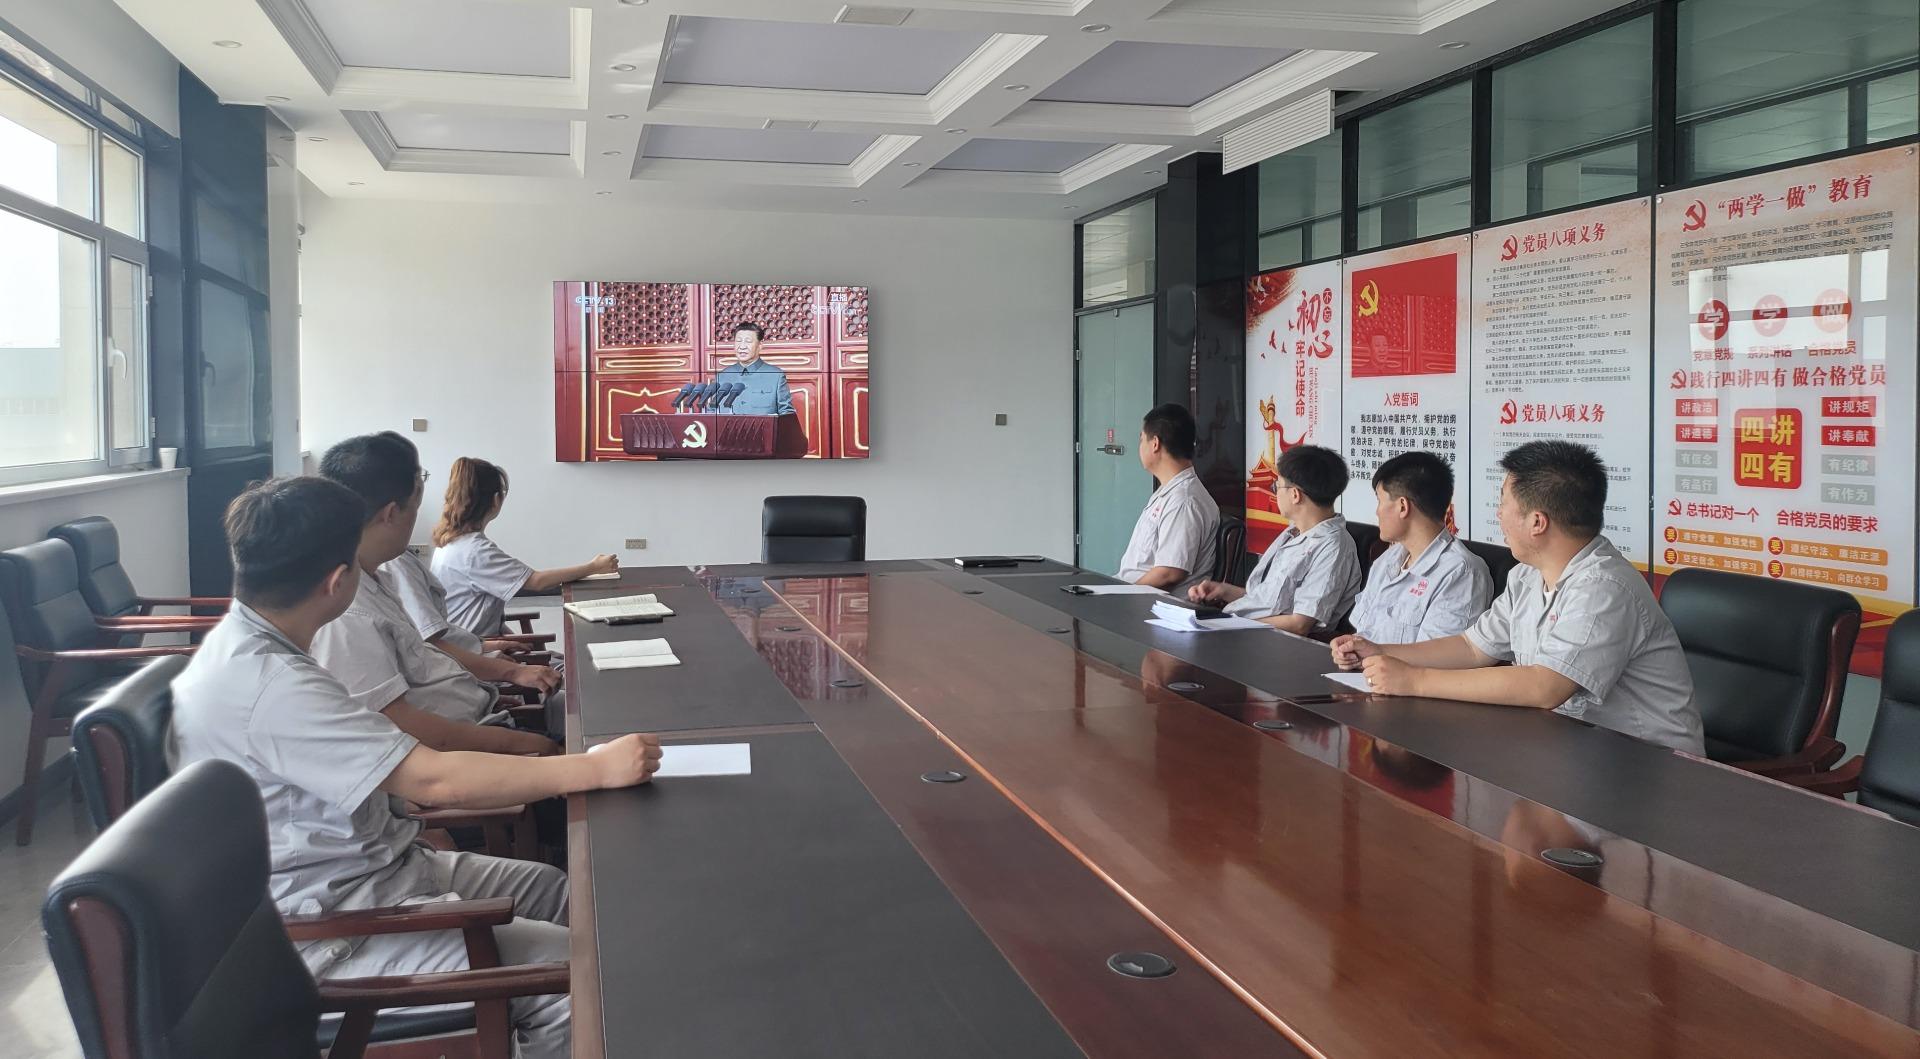 天津金属协会及会员企业认真收听收看 庆祝中国共产党成立100周年大会直播盛况